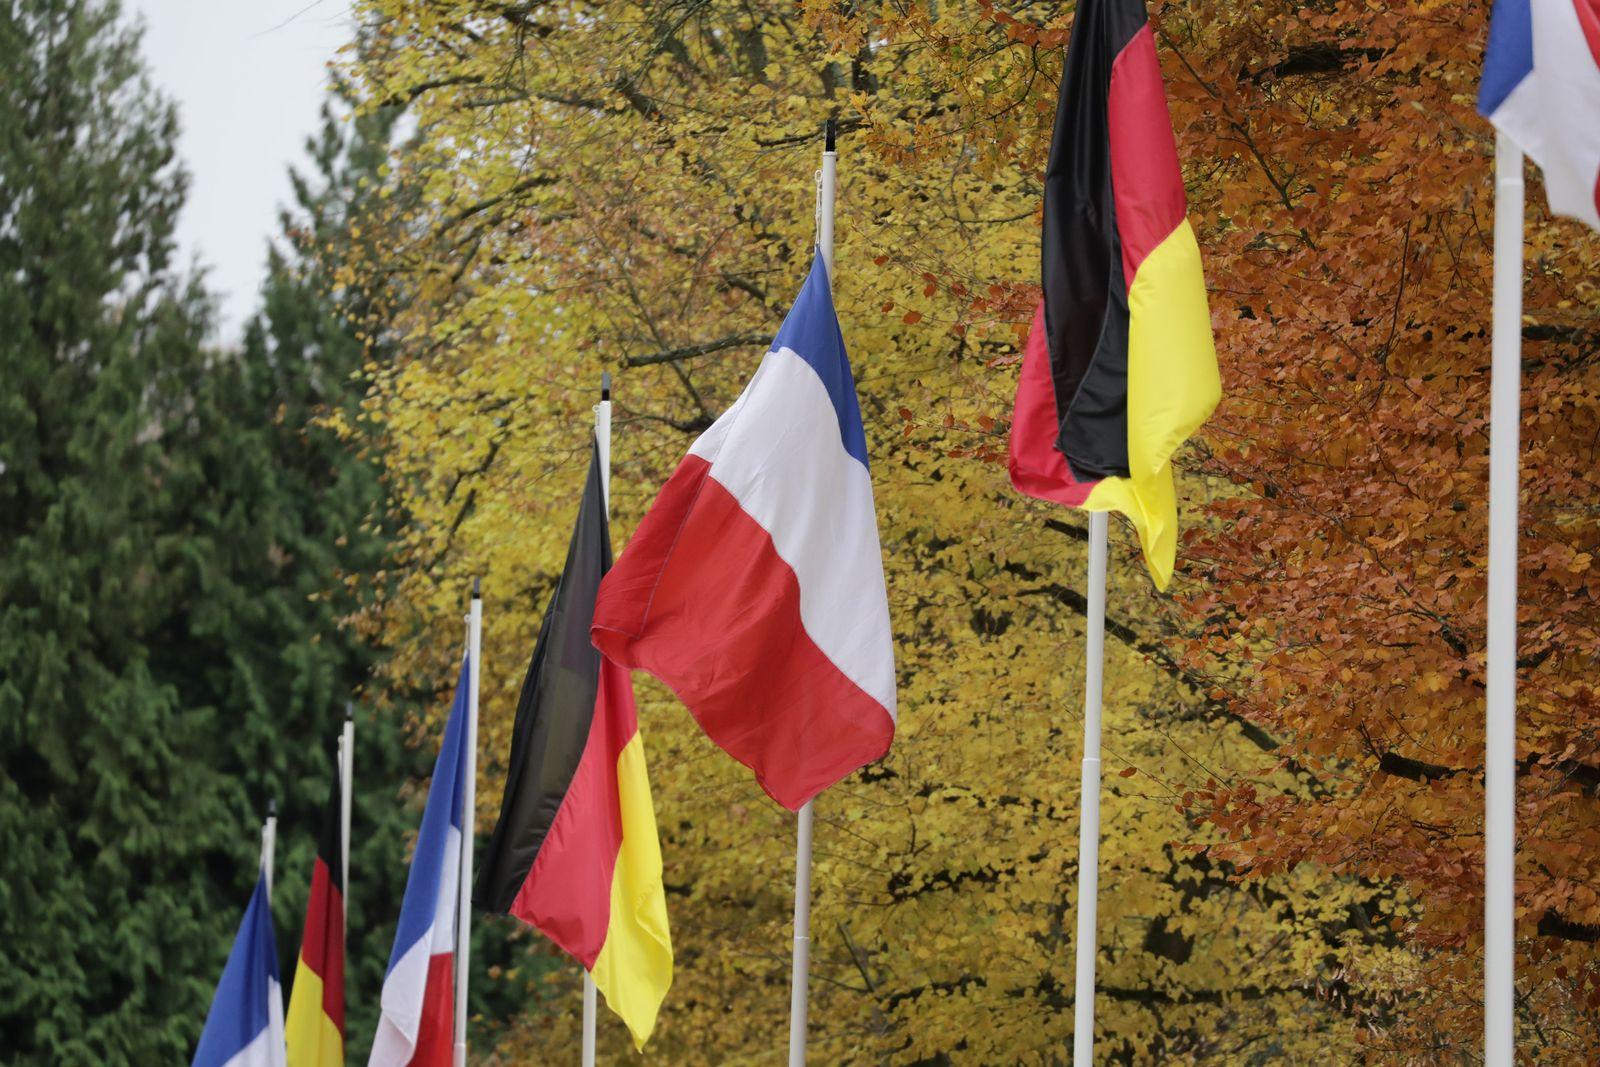 Erster Weltkrieg - Waffenstillstand 1918 / Französsiche und deutsche Flaggen